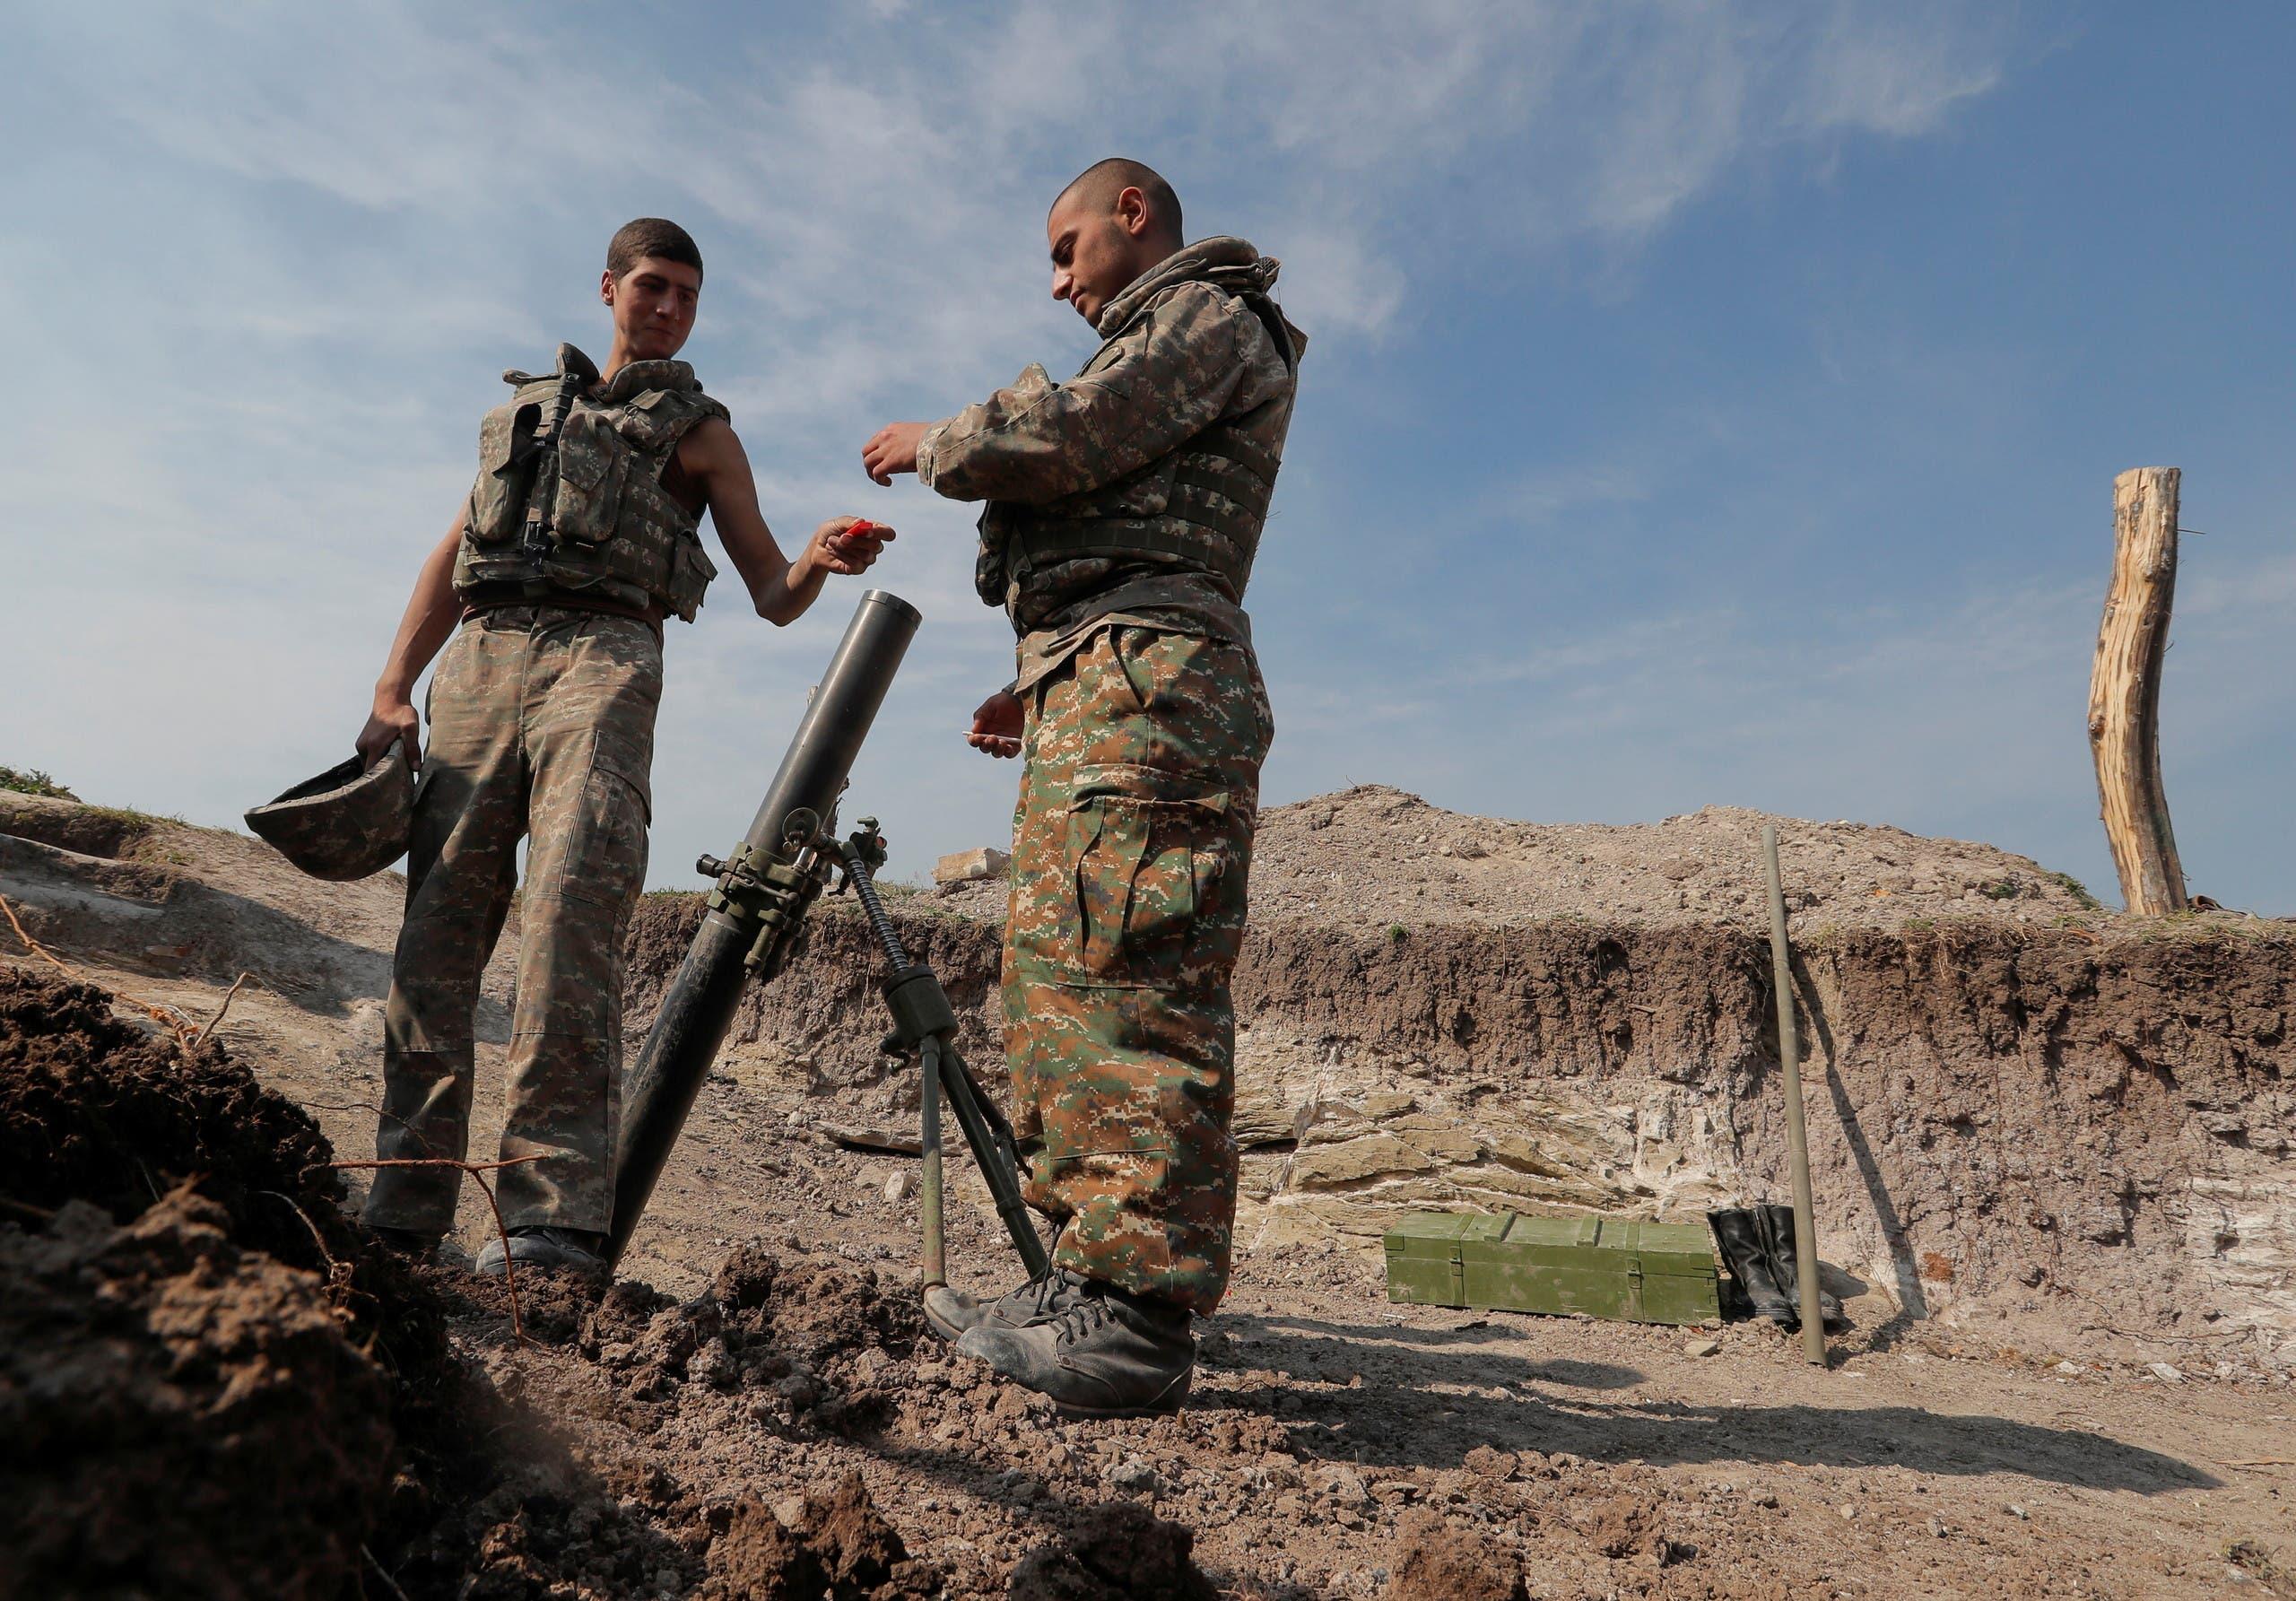 مقاتلون أرمينيون يجهزون أسلحتهم في كاراباخ